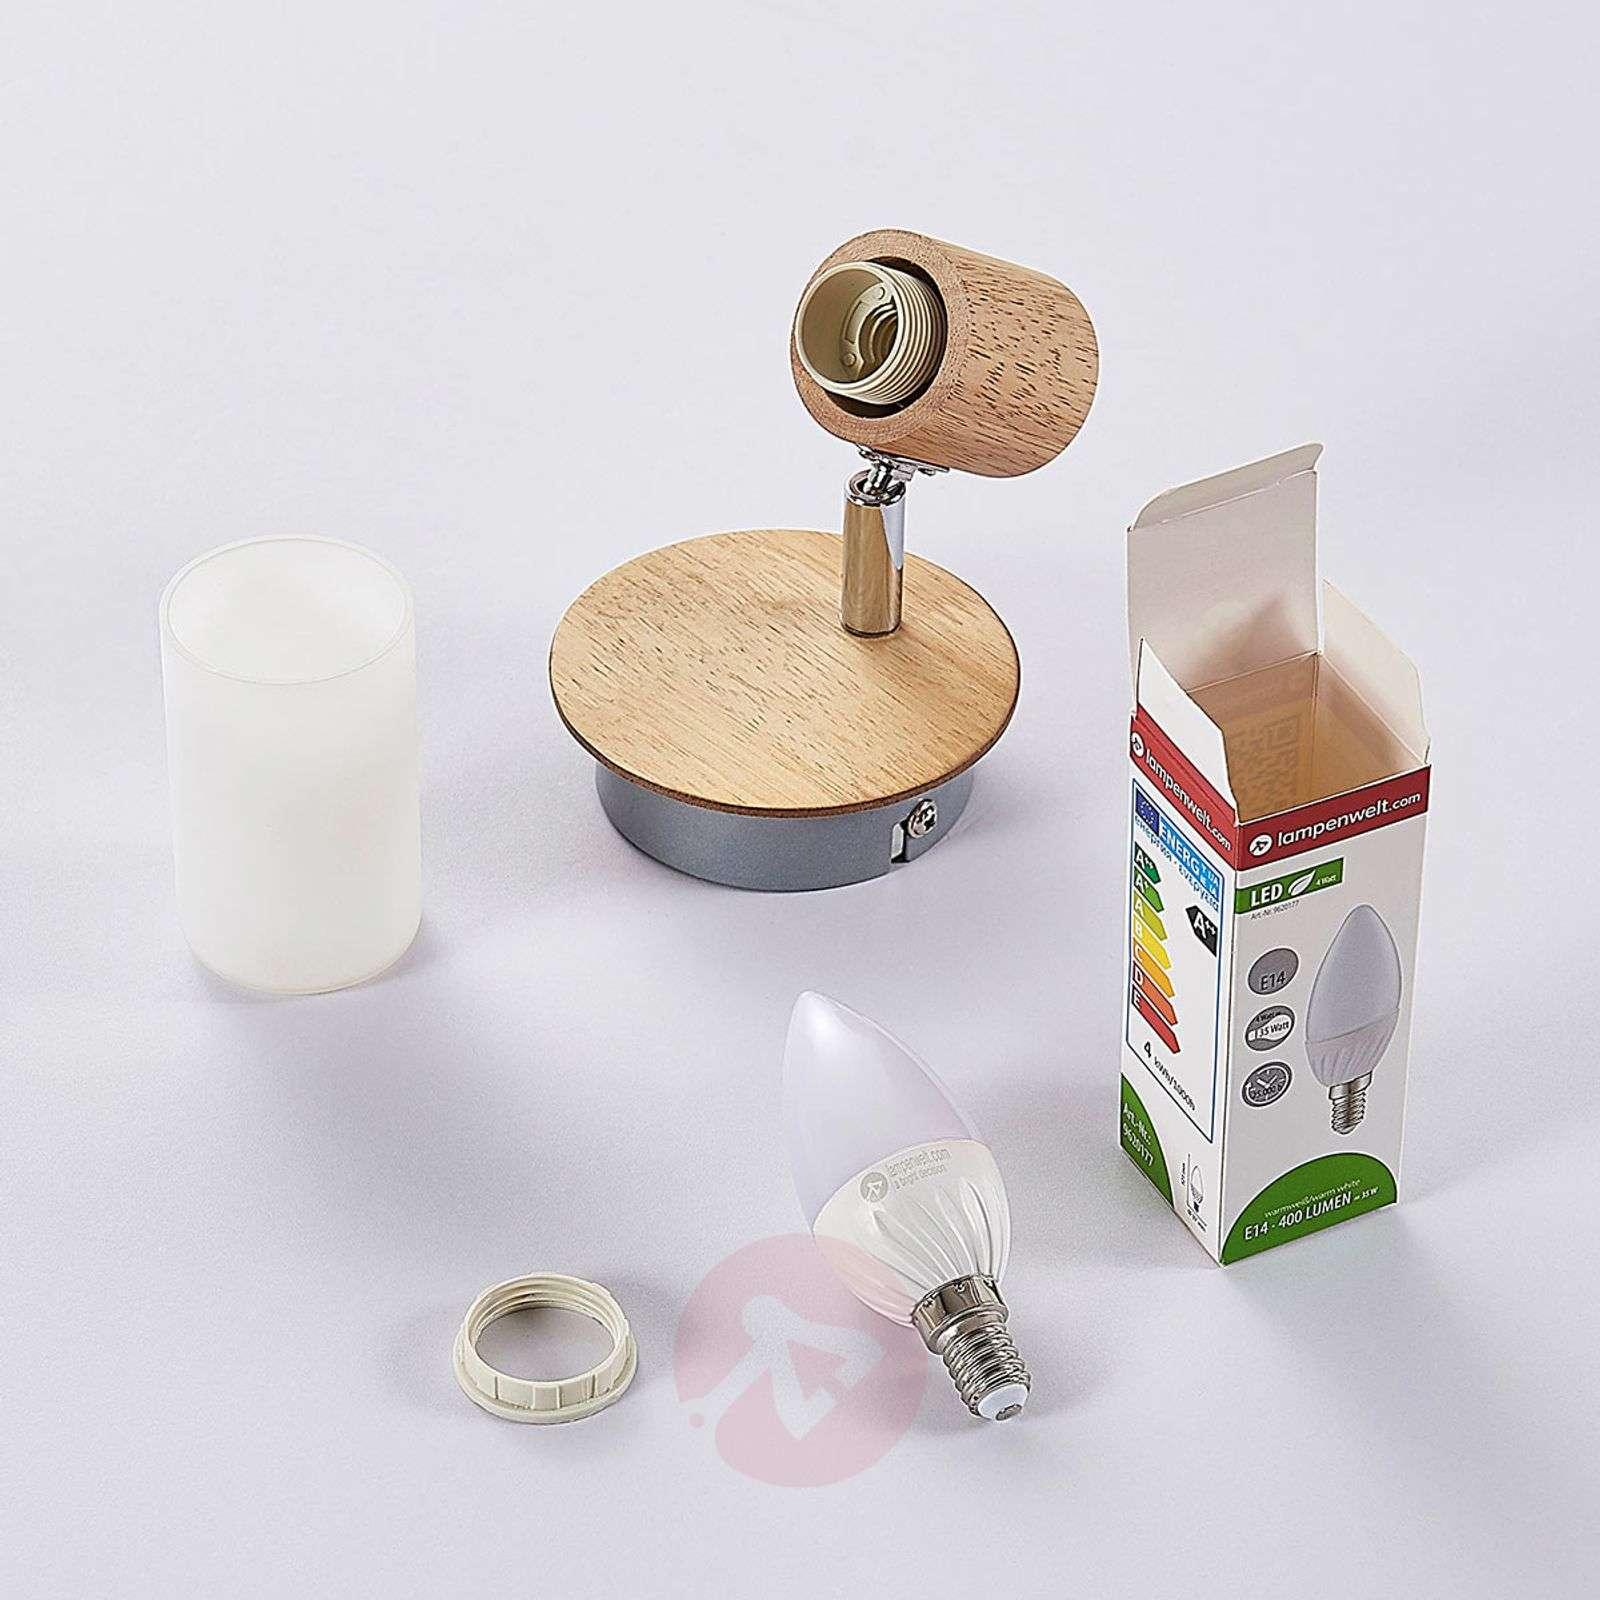 Puinen spottivalo Christoph, LED-lamppu-9621823-012